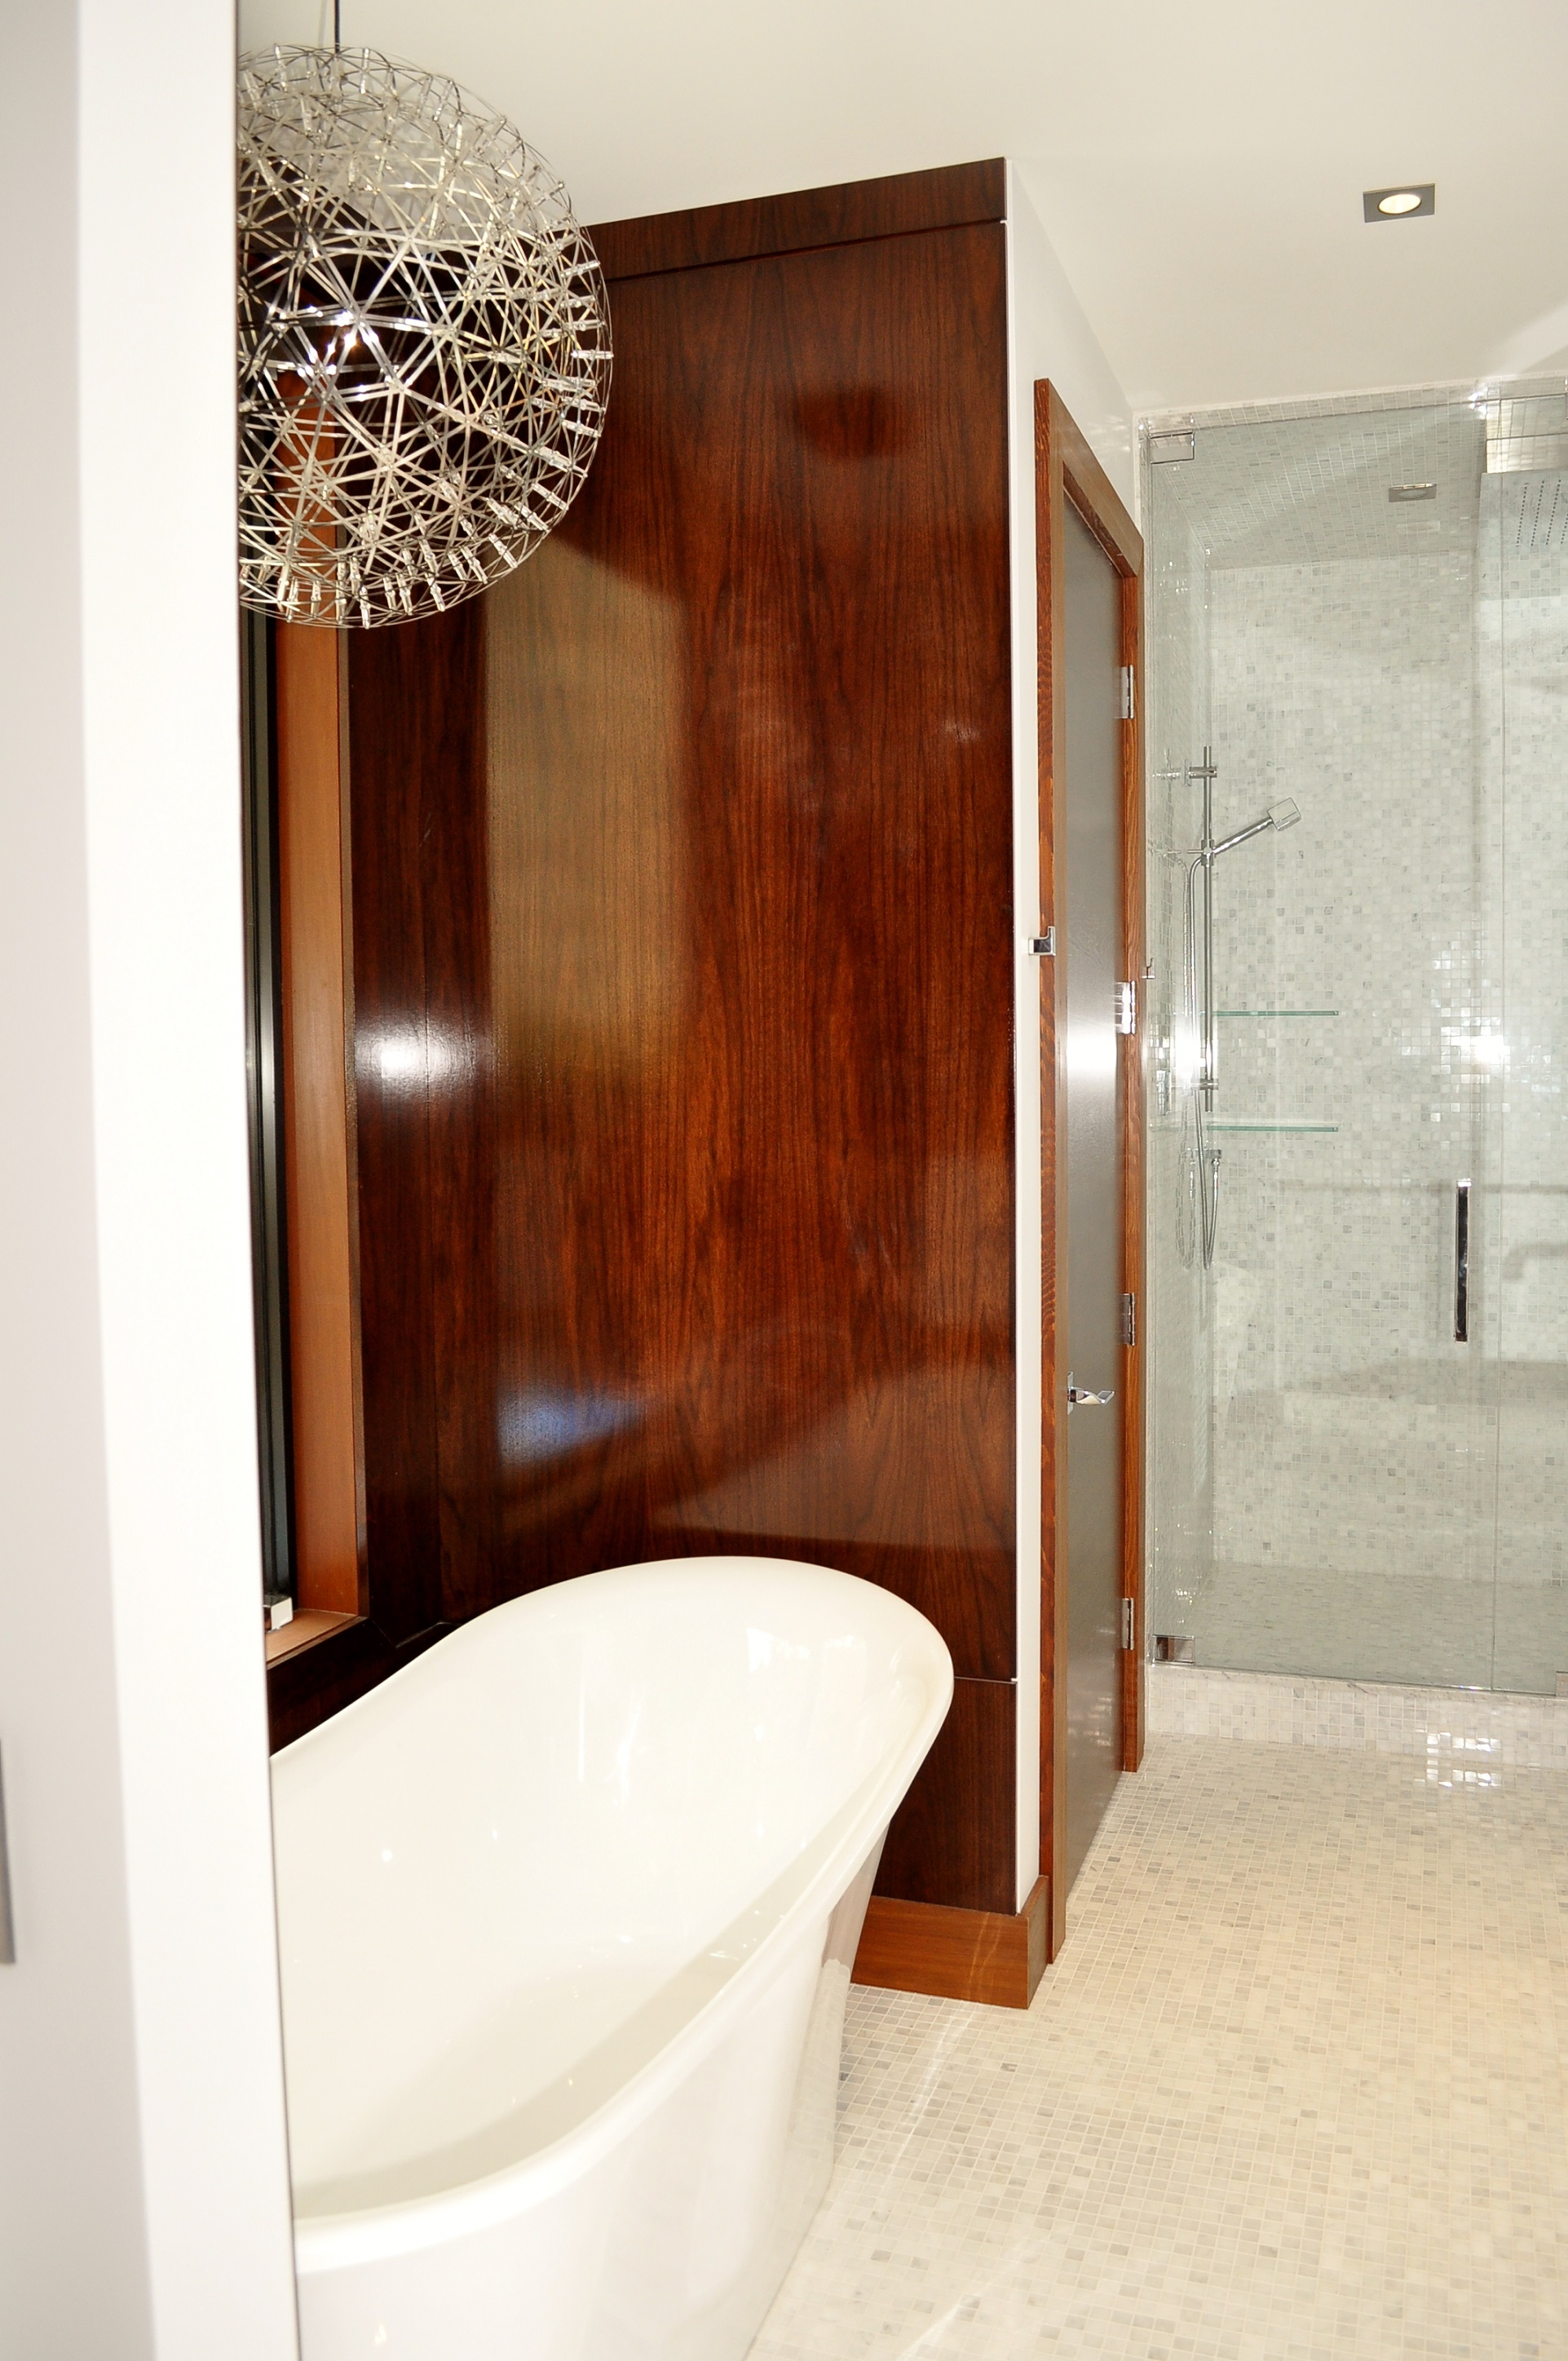 mahogany-wood-custom-sauna-enclosure.jpg.JPG